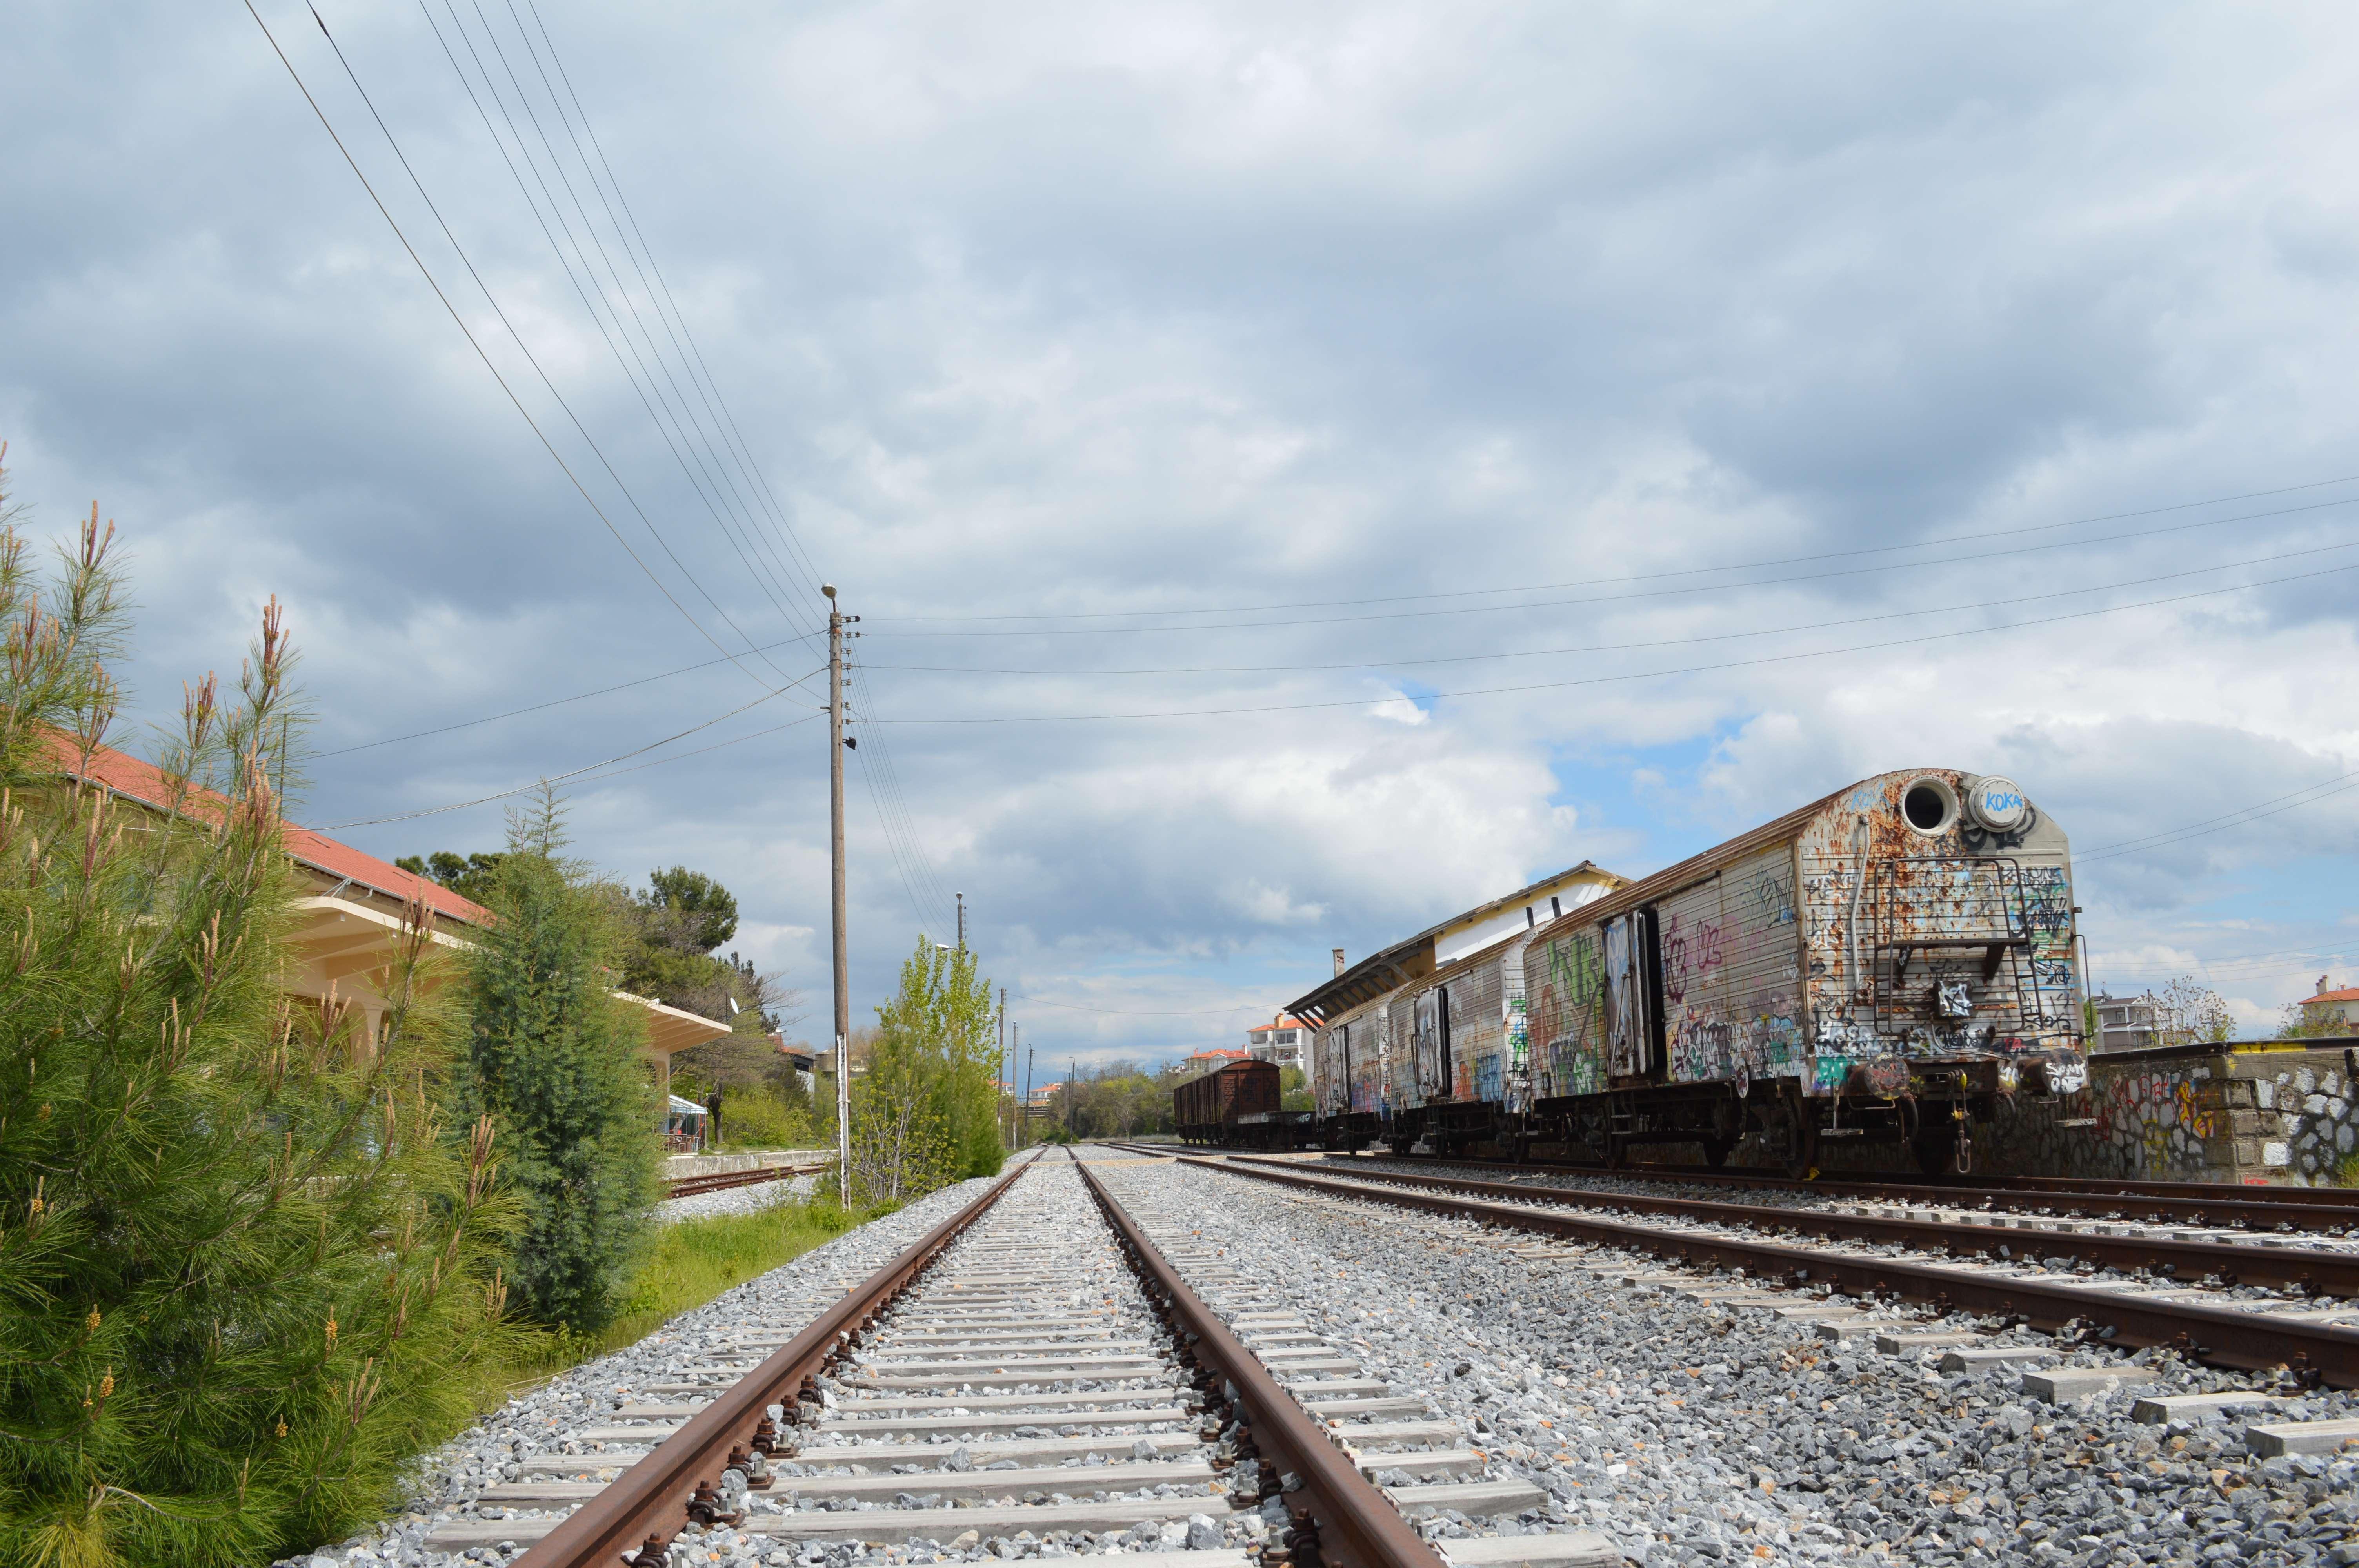 Σιδηροδρομικός Σταθμός Κοζάνης – Φωτογραφίες